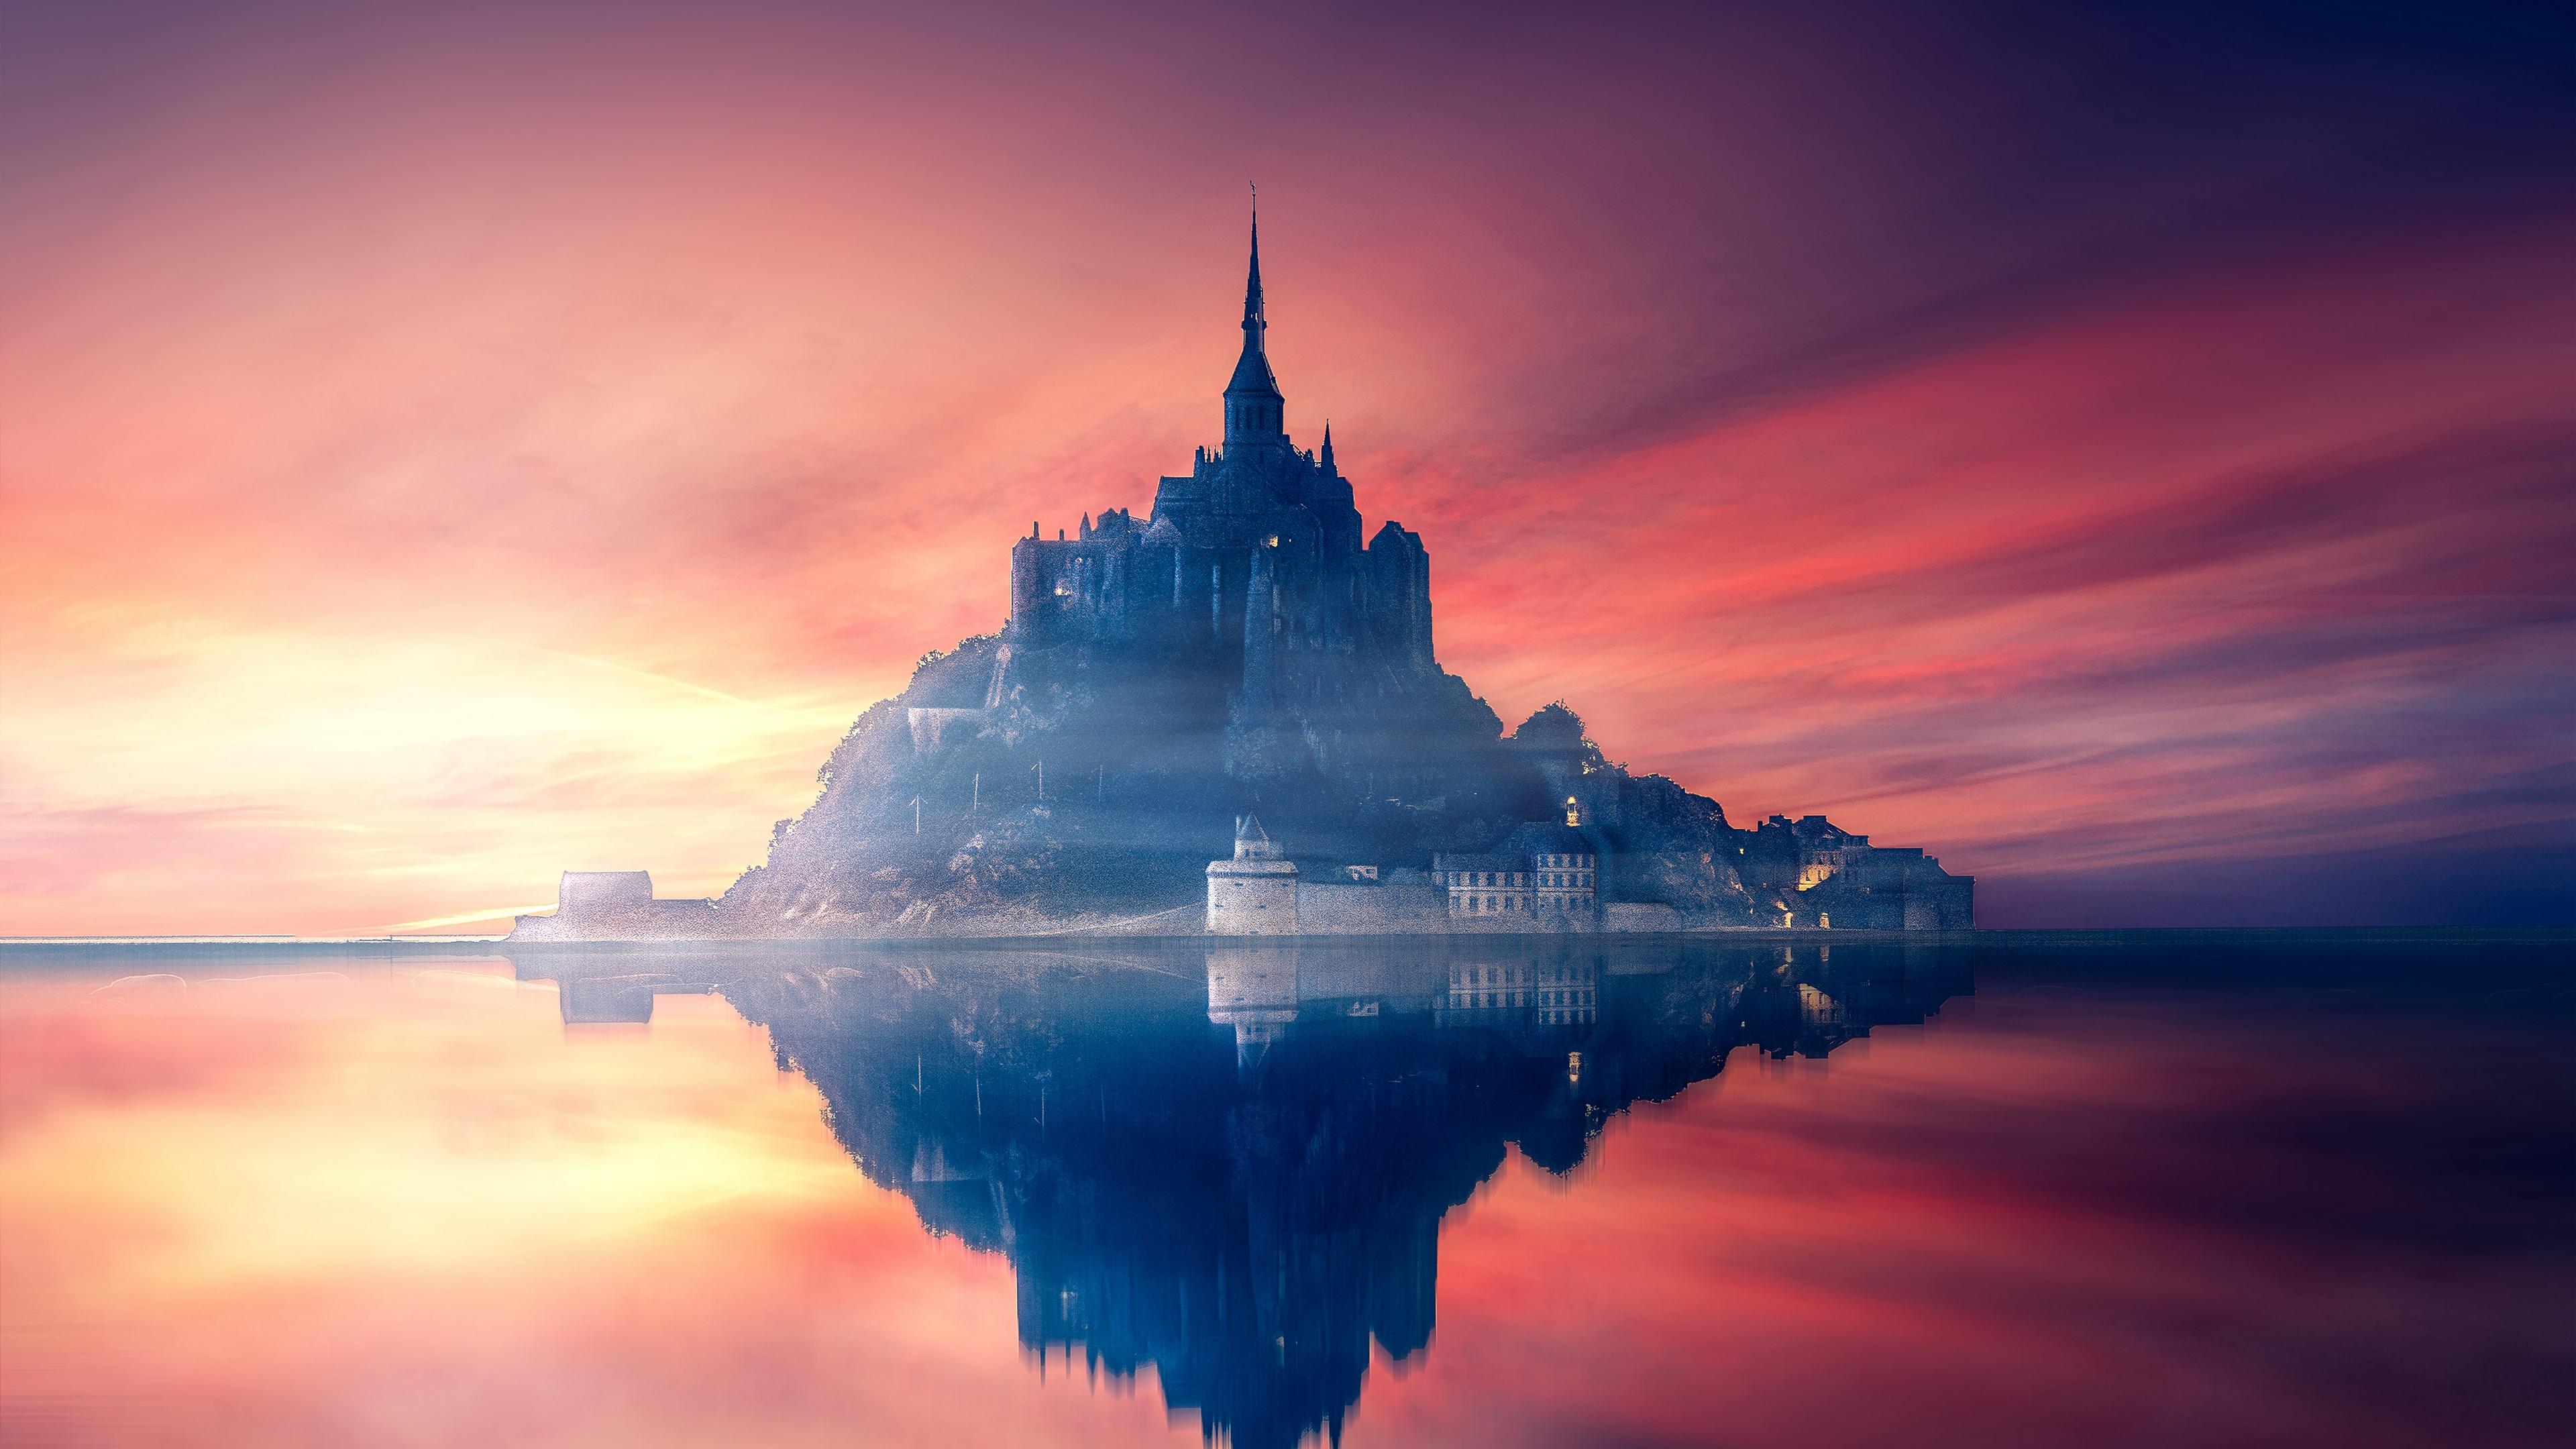 mont saint michel france island castle sunset 4k 1538067979 - mont-saint-michel, france, island, castle, sunset 4k - mont-saint-michel, Island, France